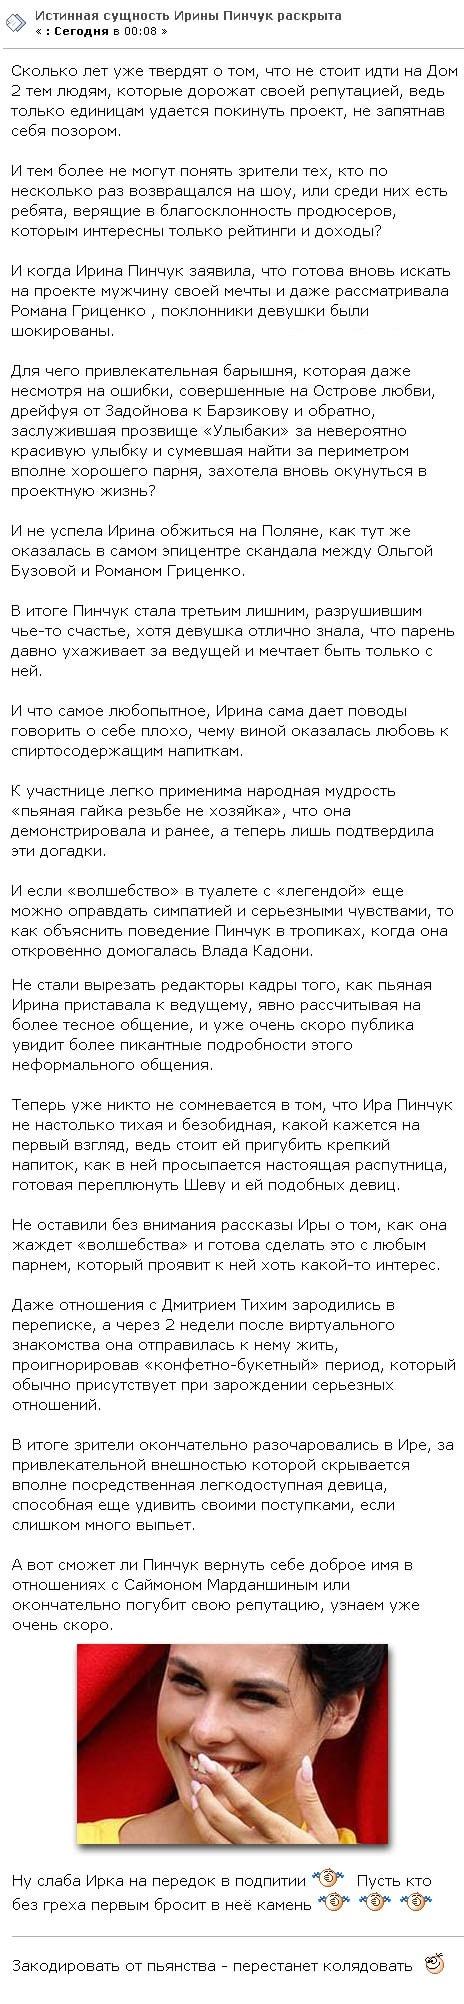 Ирина Пинчук показала свою истинную распущенную сущность